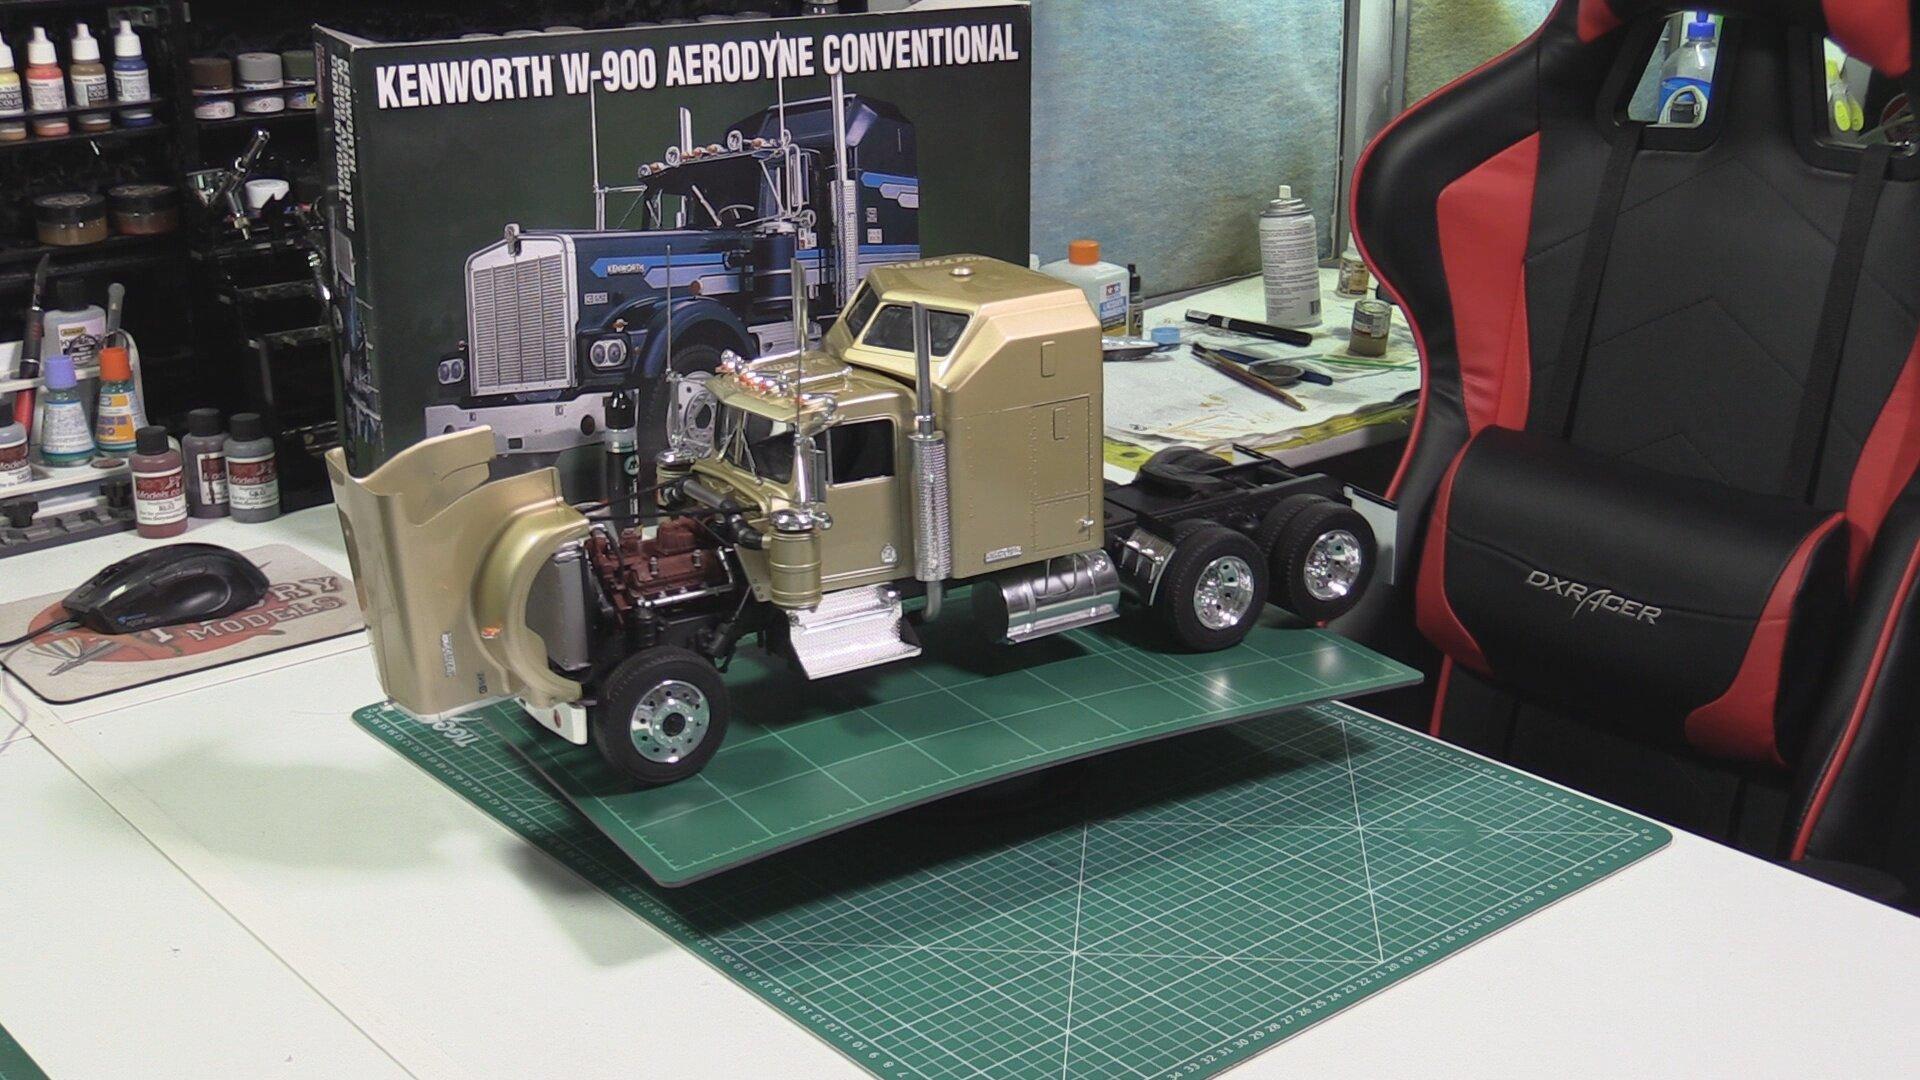 Kenworth Truck Part6  Pic 10.jpg